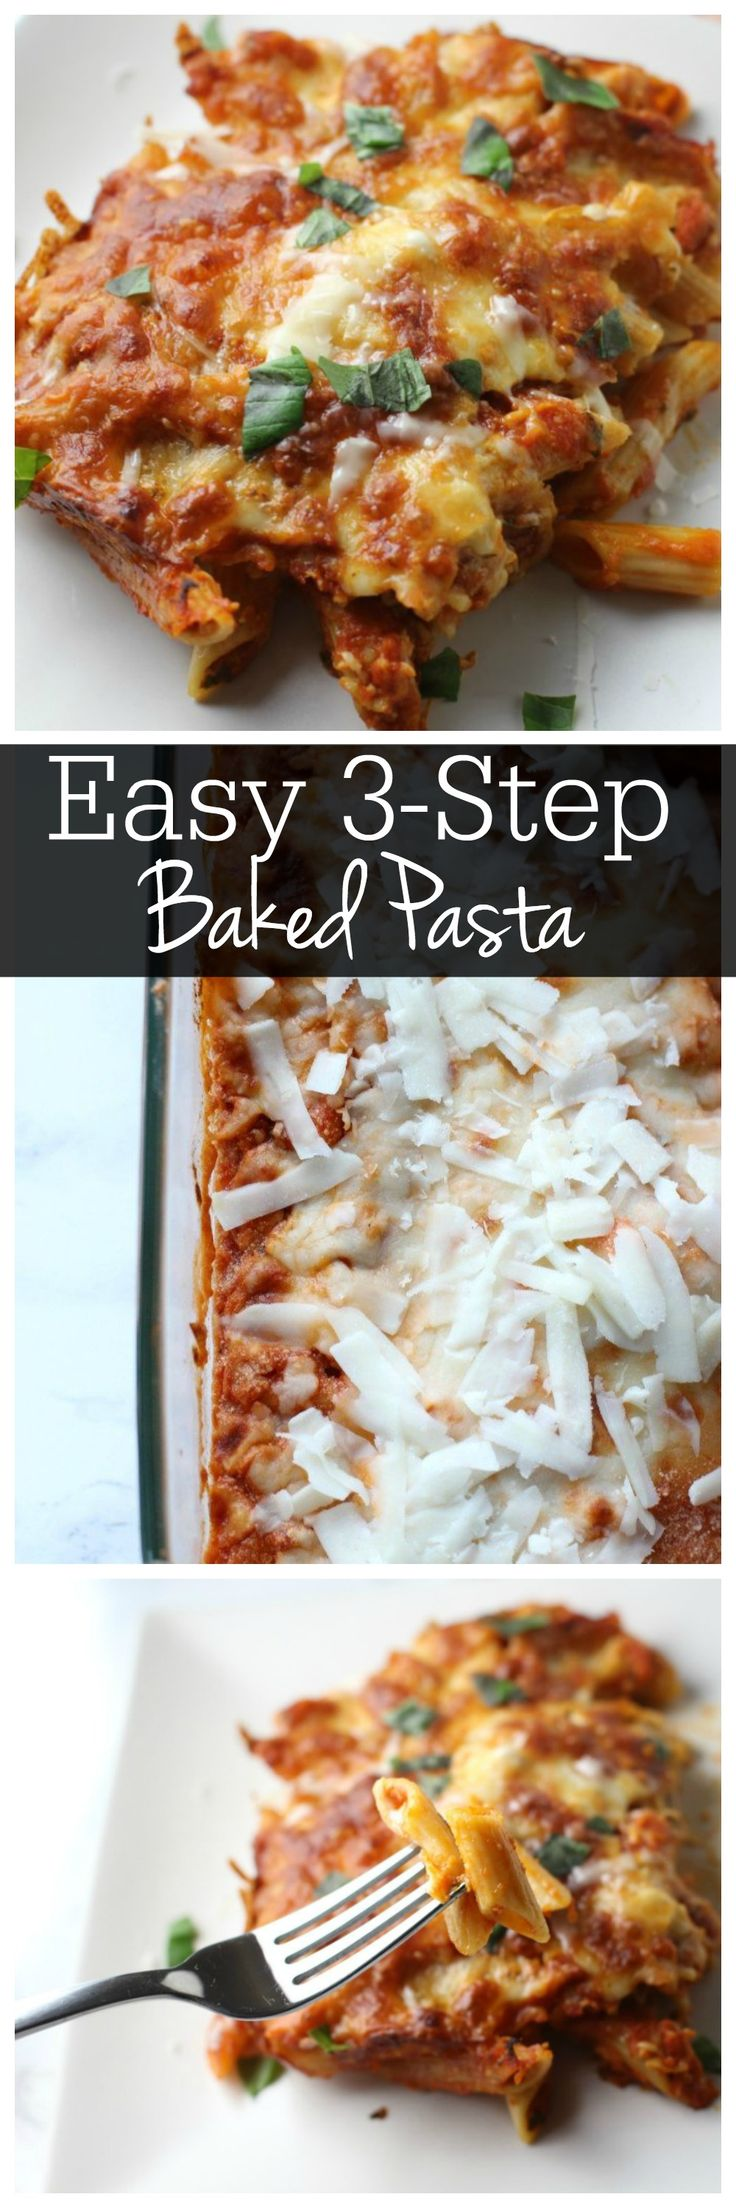 3 Step Pasta Bake Pasta Recipes Baked Pasta Recipes Dinner